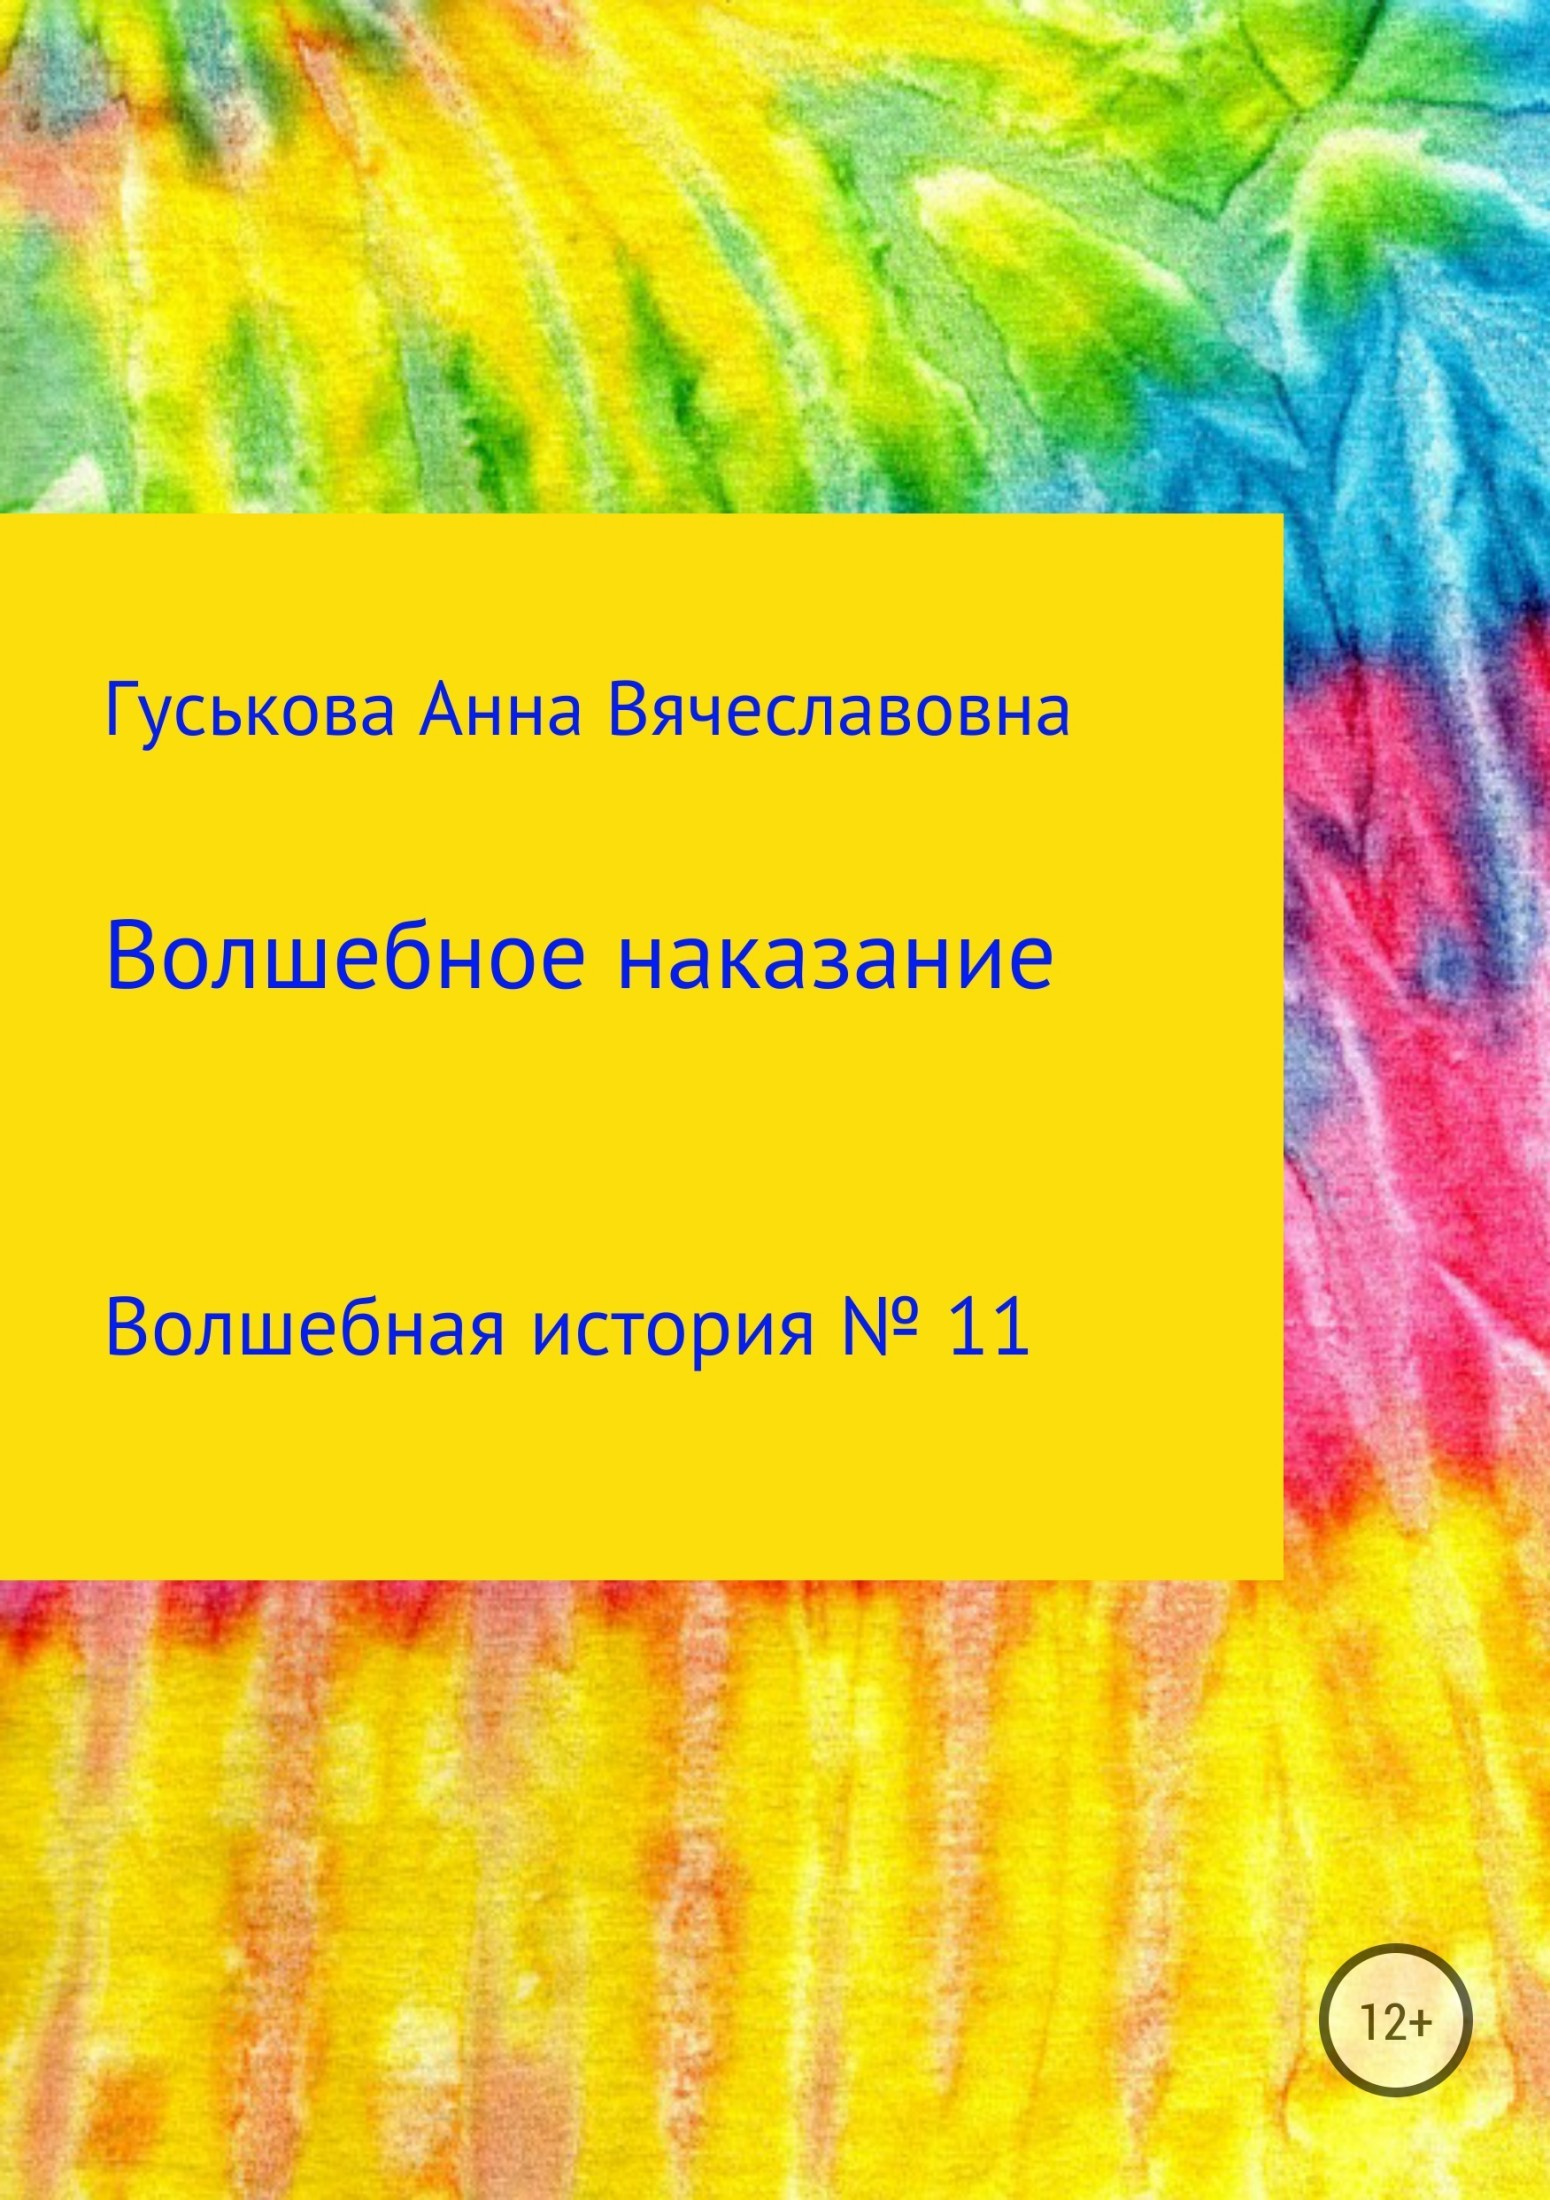 Волшебная история № 11. Волшебное наказание